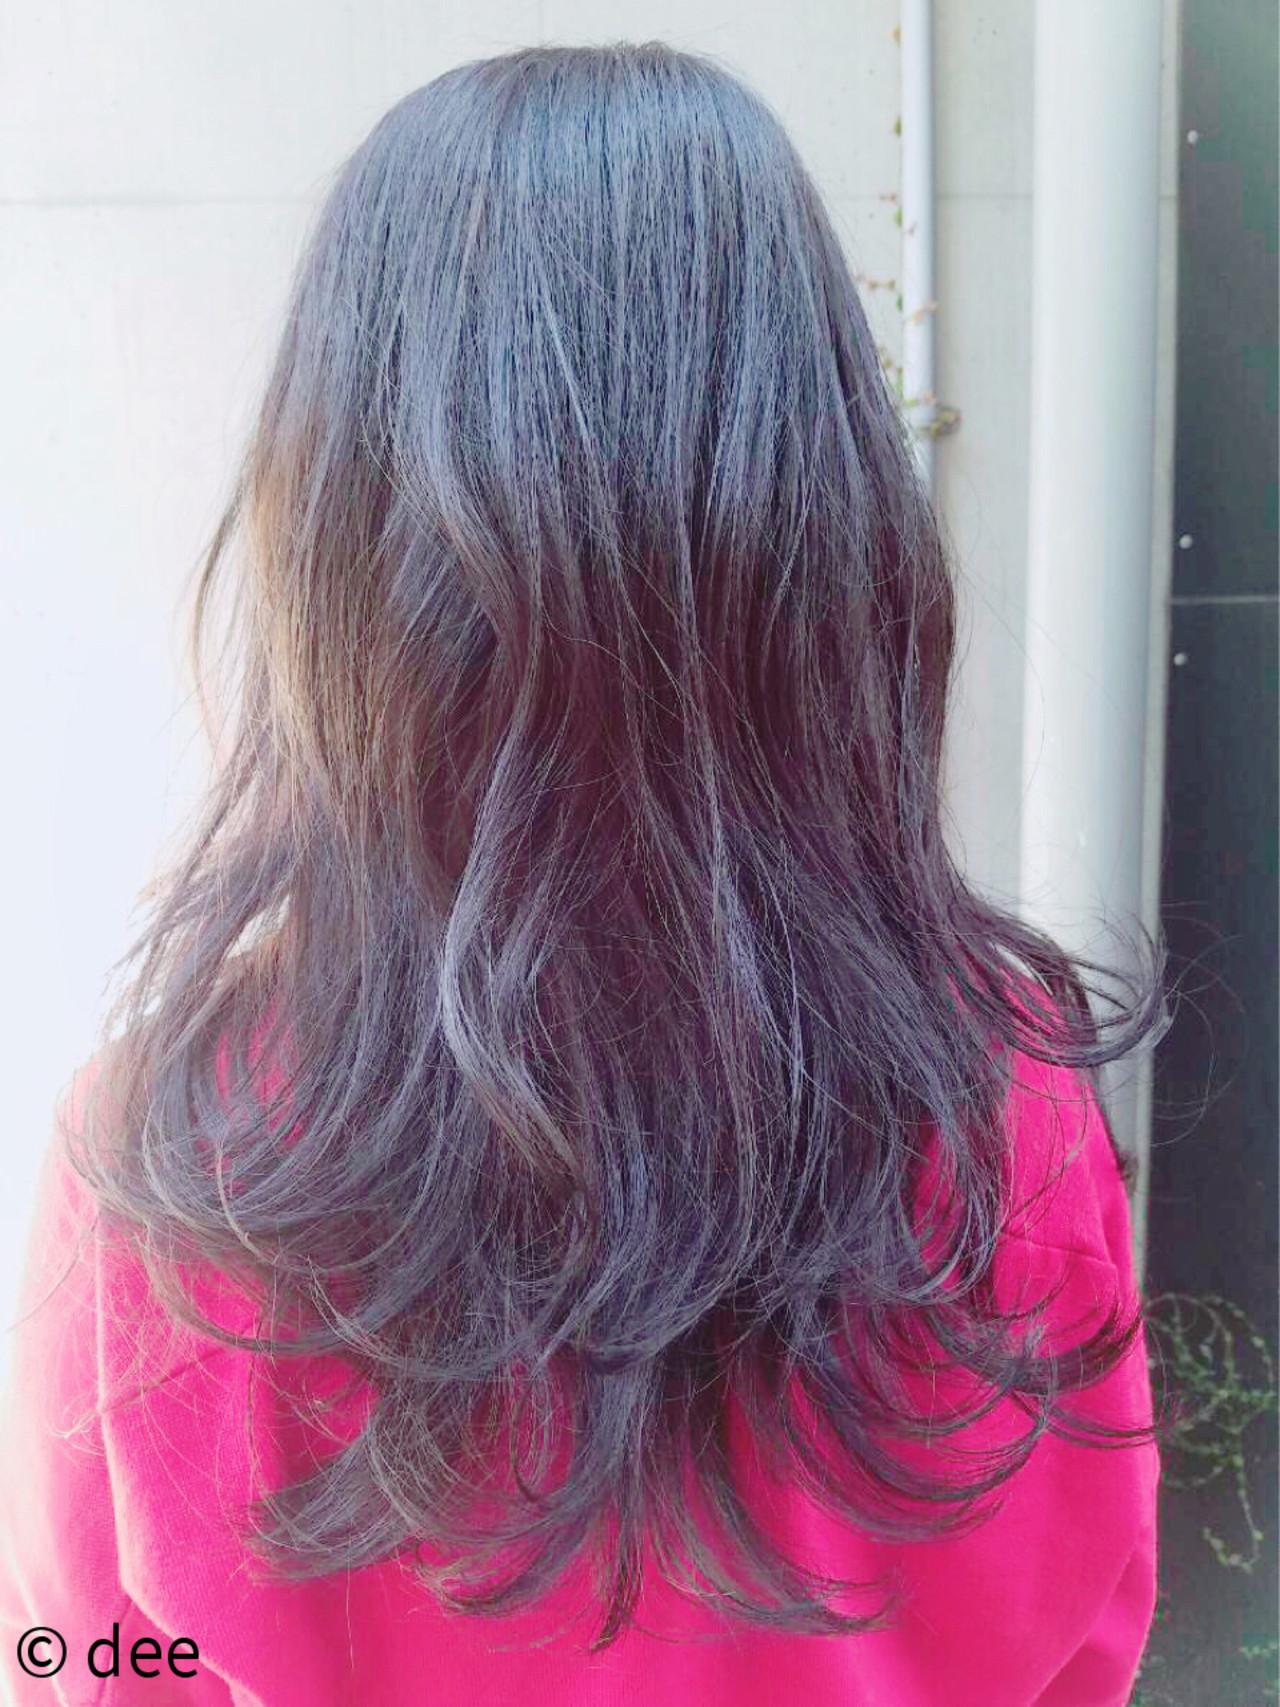 ラベンダーピンク ピンク ラベンダー パープル ヘアスタイルや髪型の写真・画像 | dee / dee